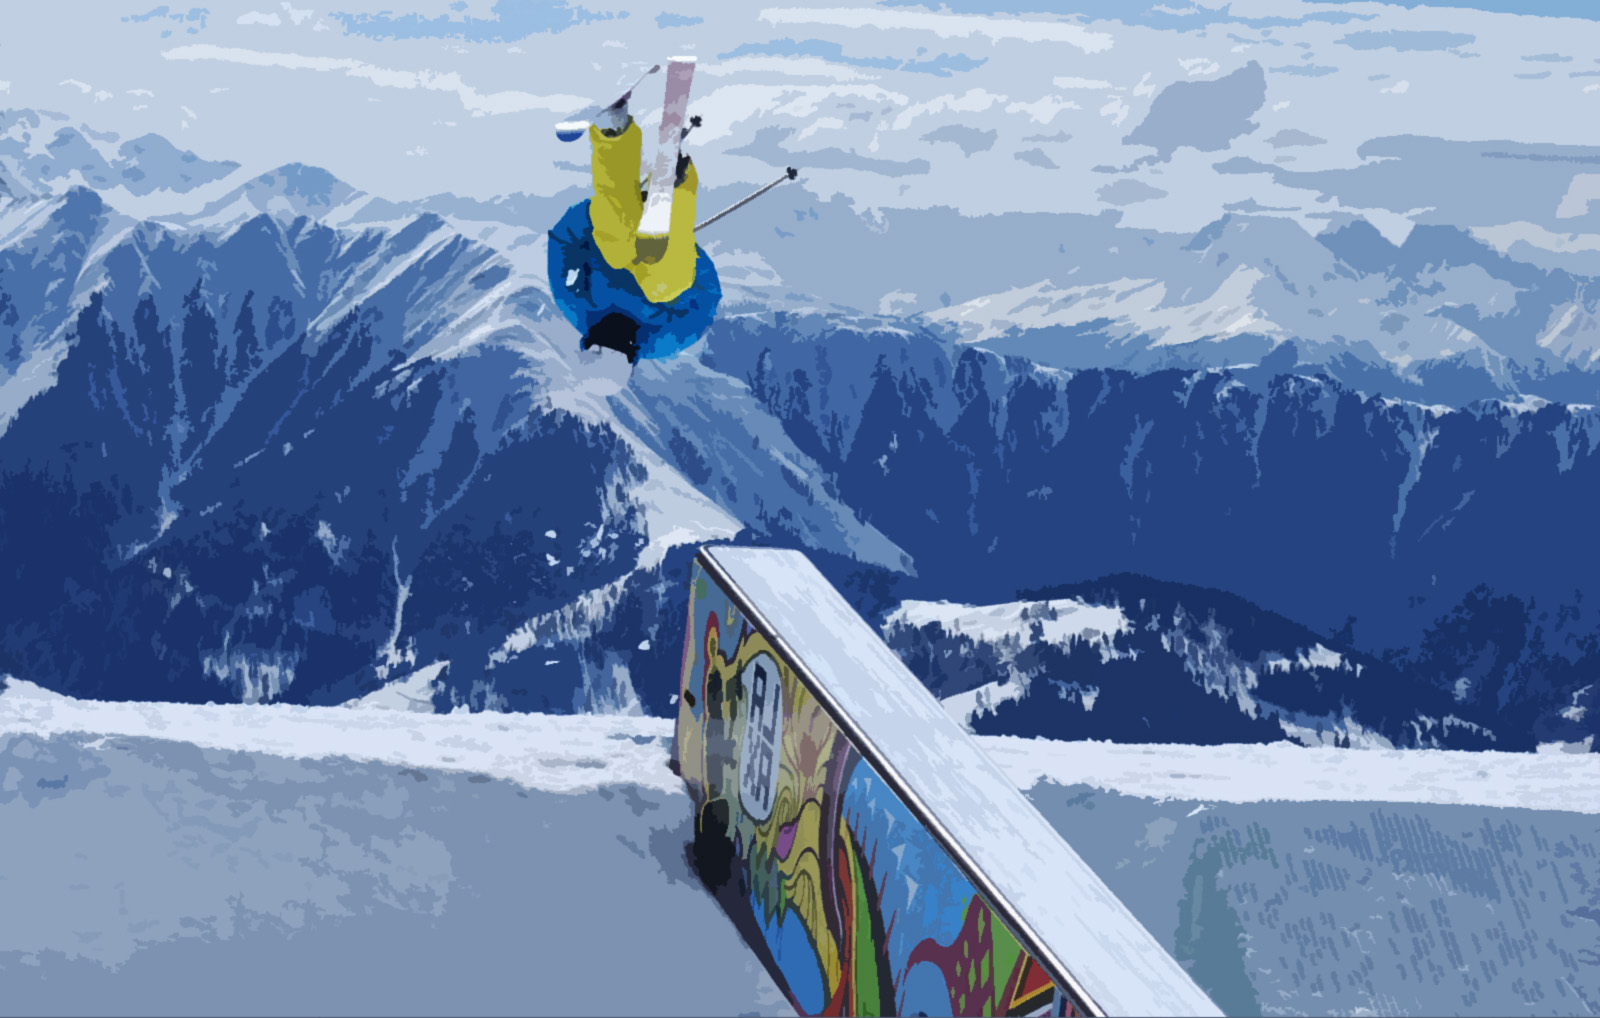 безопасность при прыжках с трамплина на лыжах